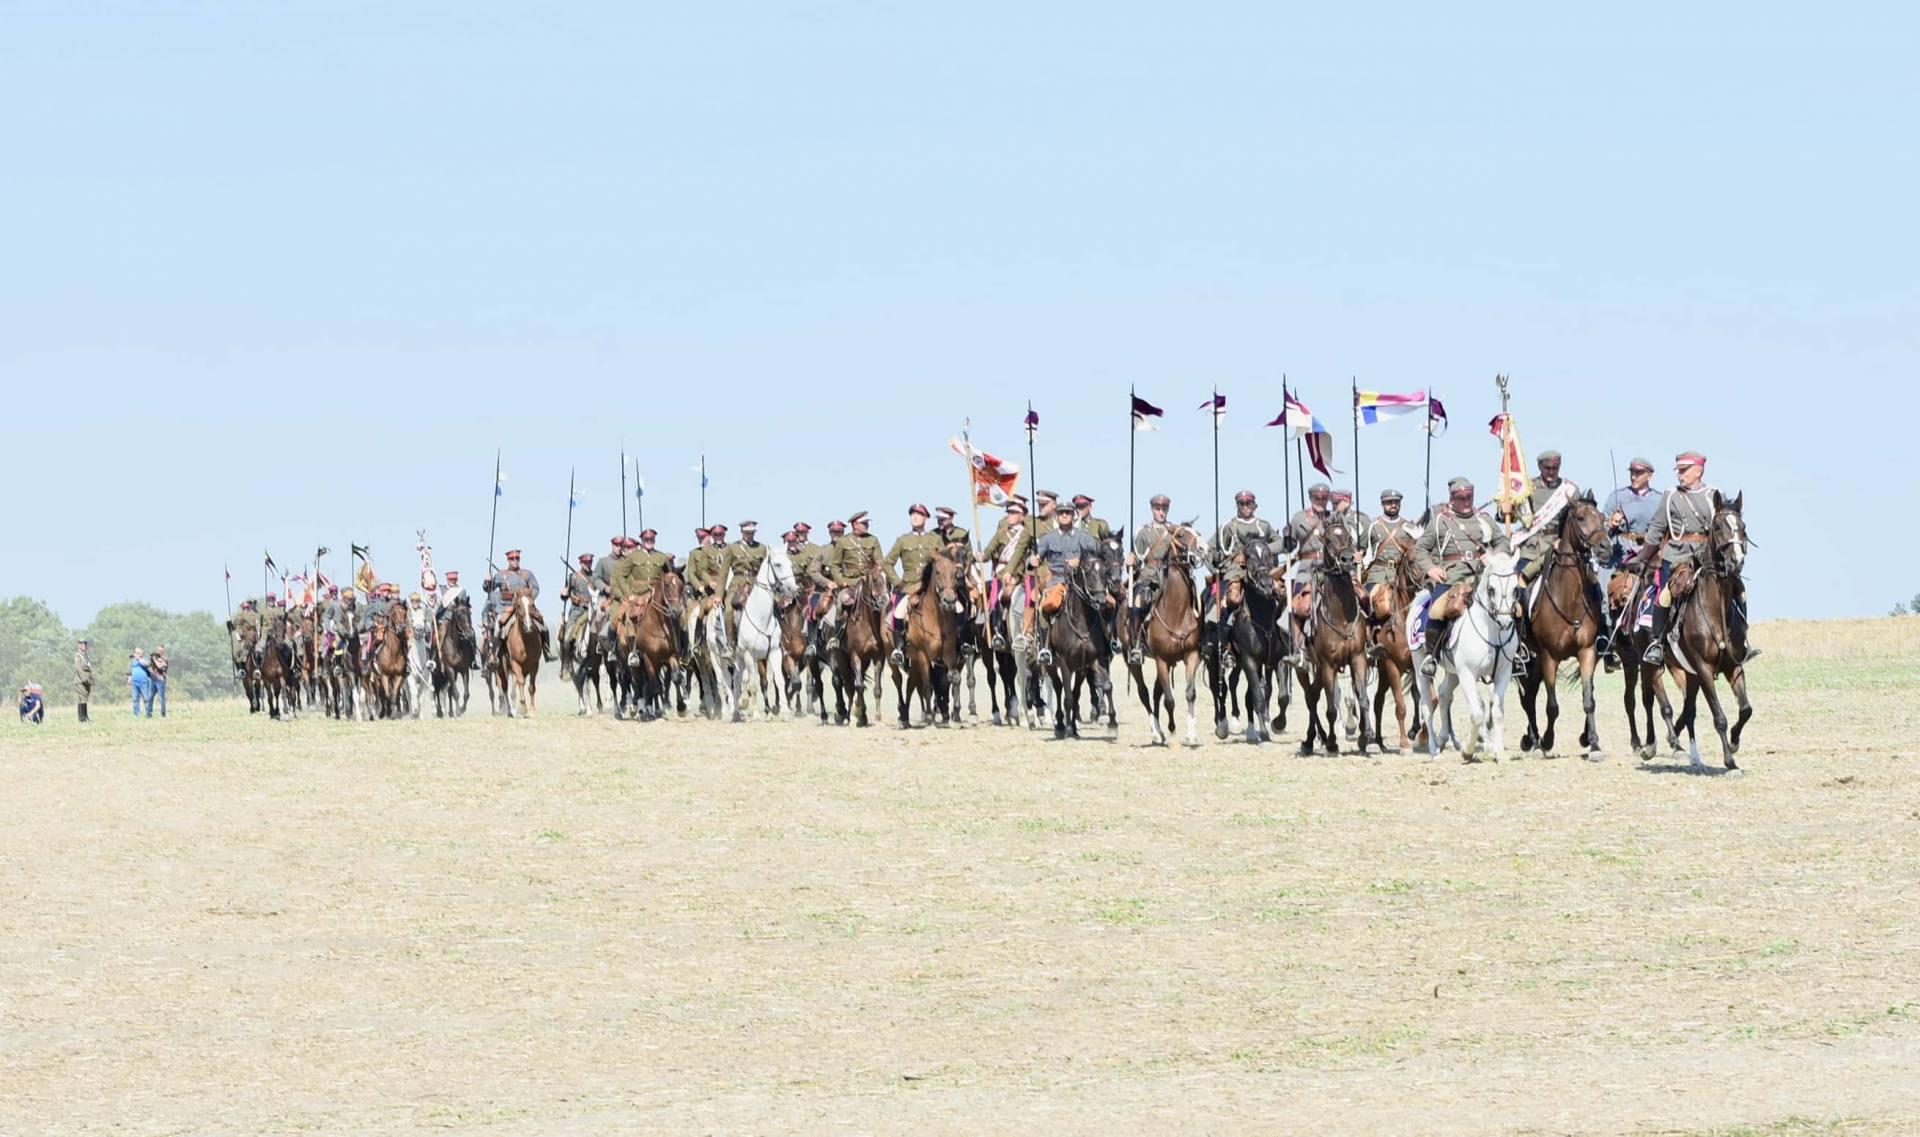 dsc 0614 Czas szabli - 100 rocznica bitwy pod Komarowem(zdjęcia)